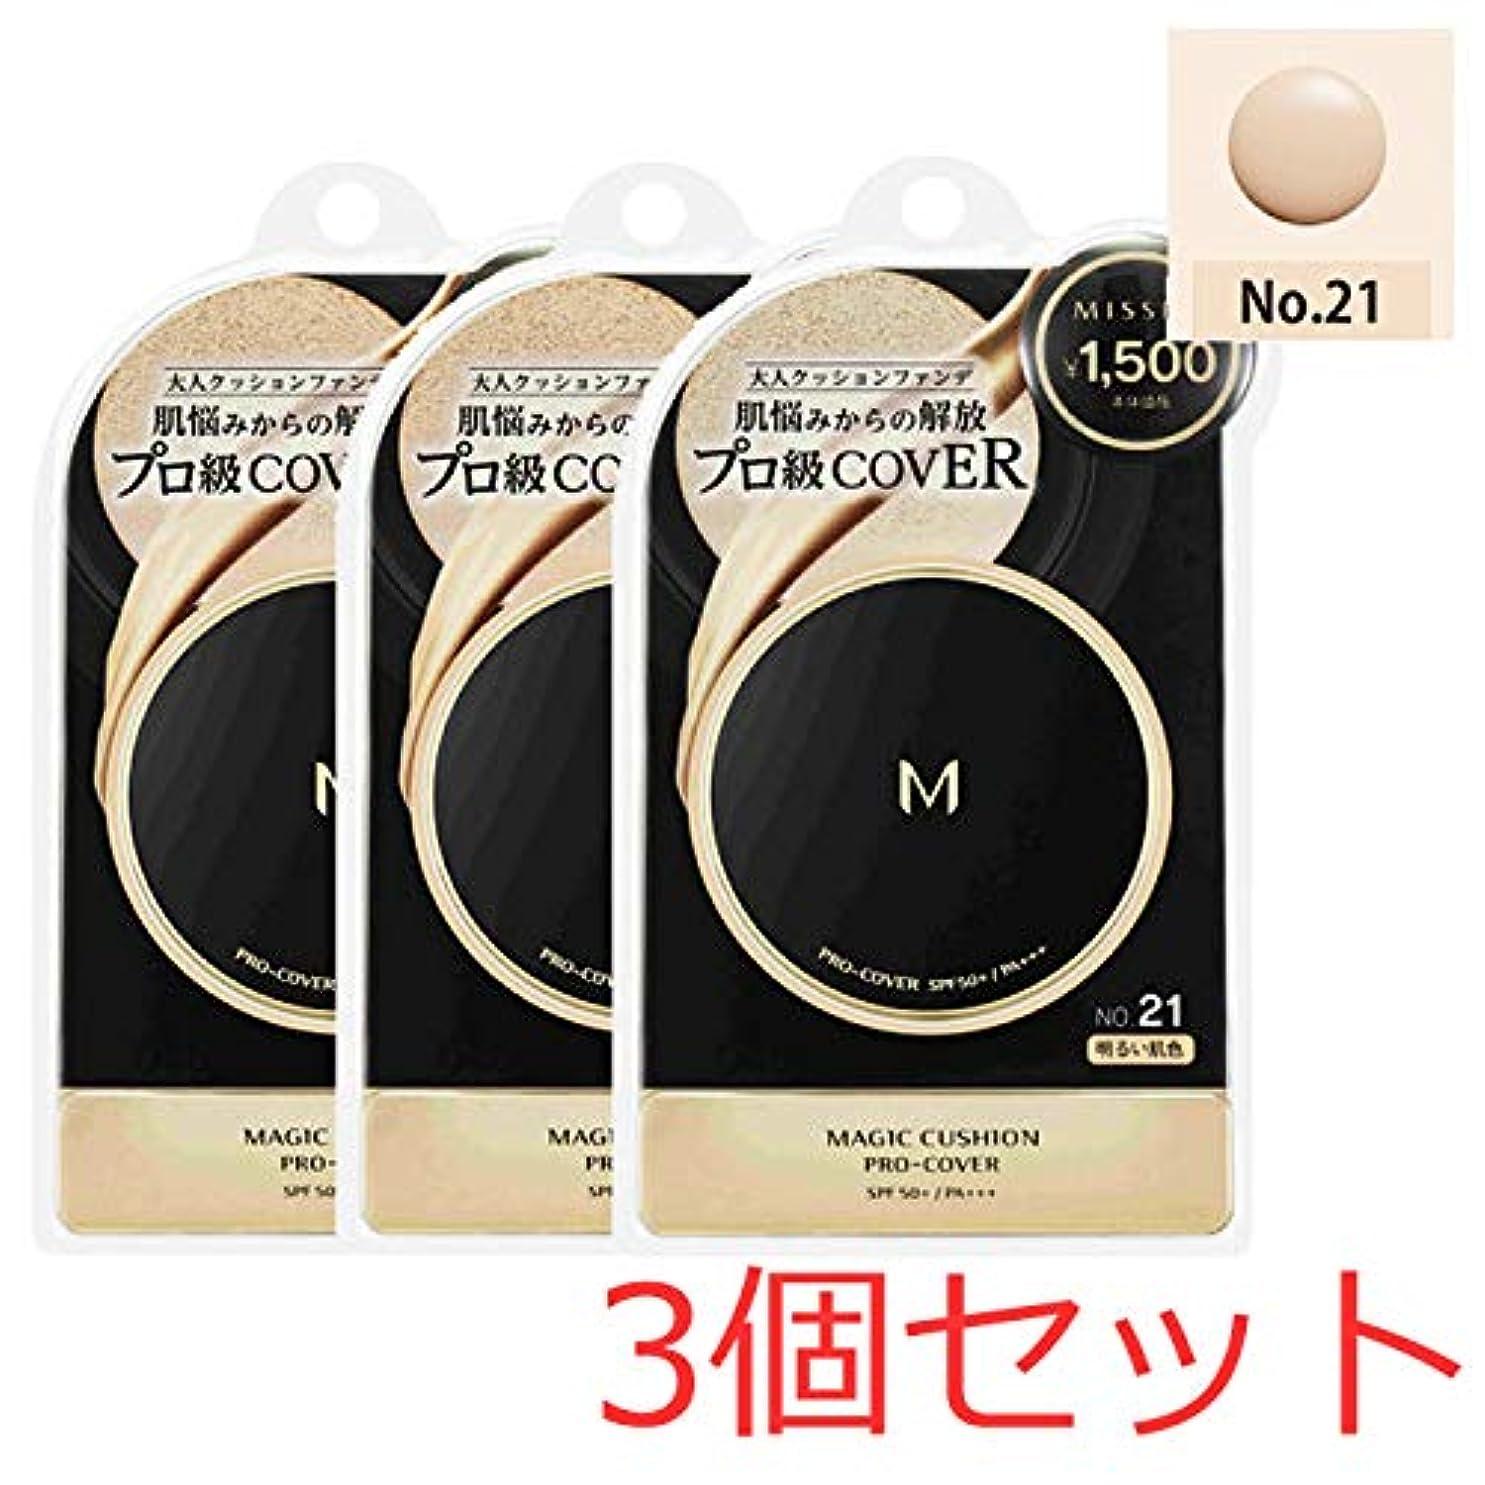 遠近法億届けるミシャ MISSHA M クッションファンデーション(プロカバー) No.21 15g 3個セット